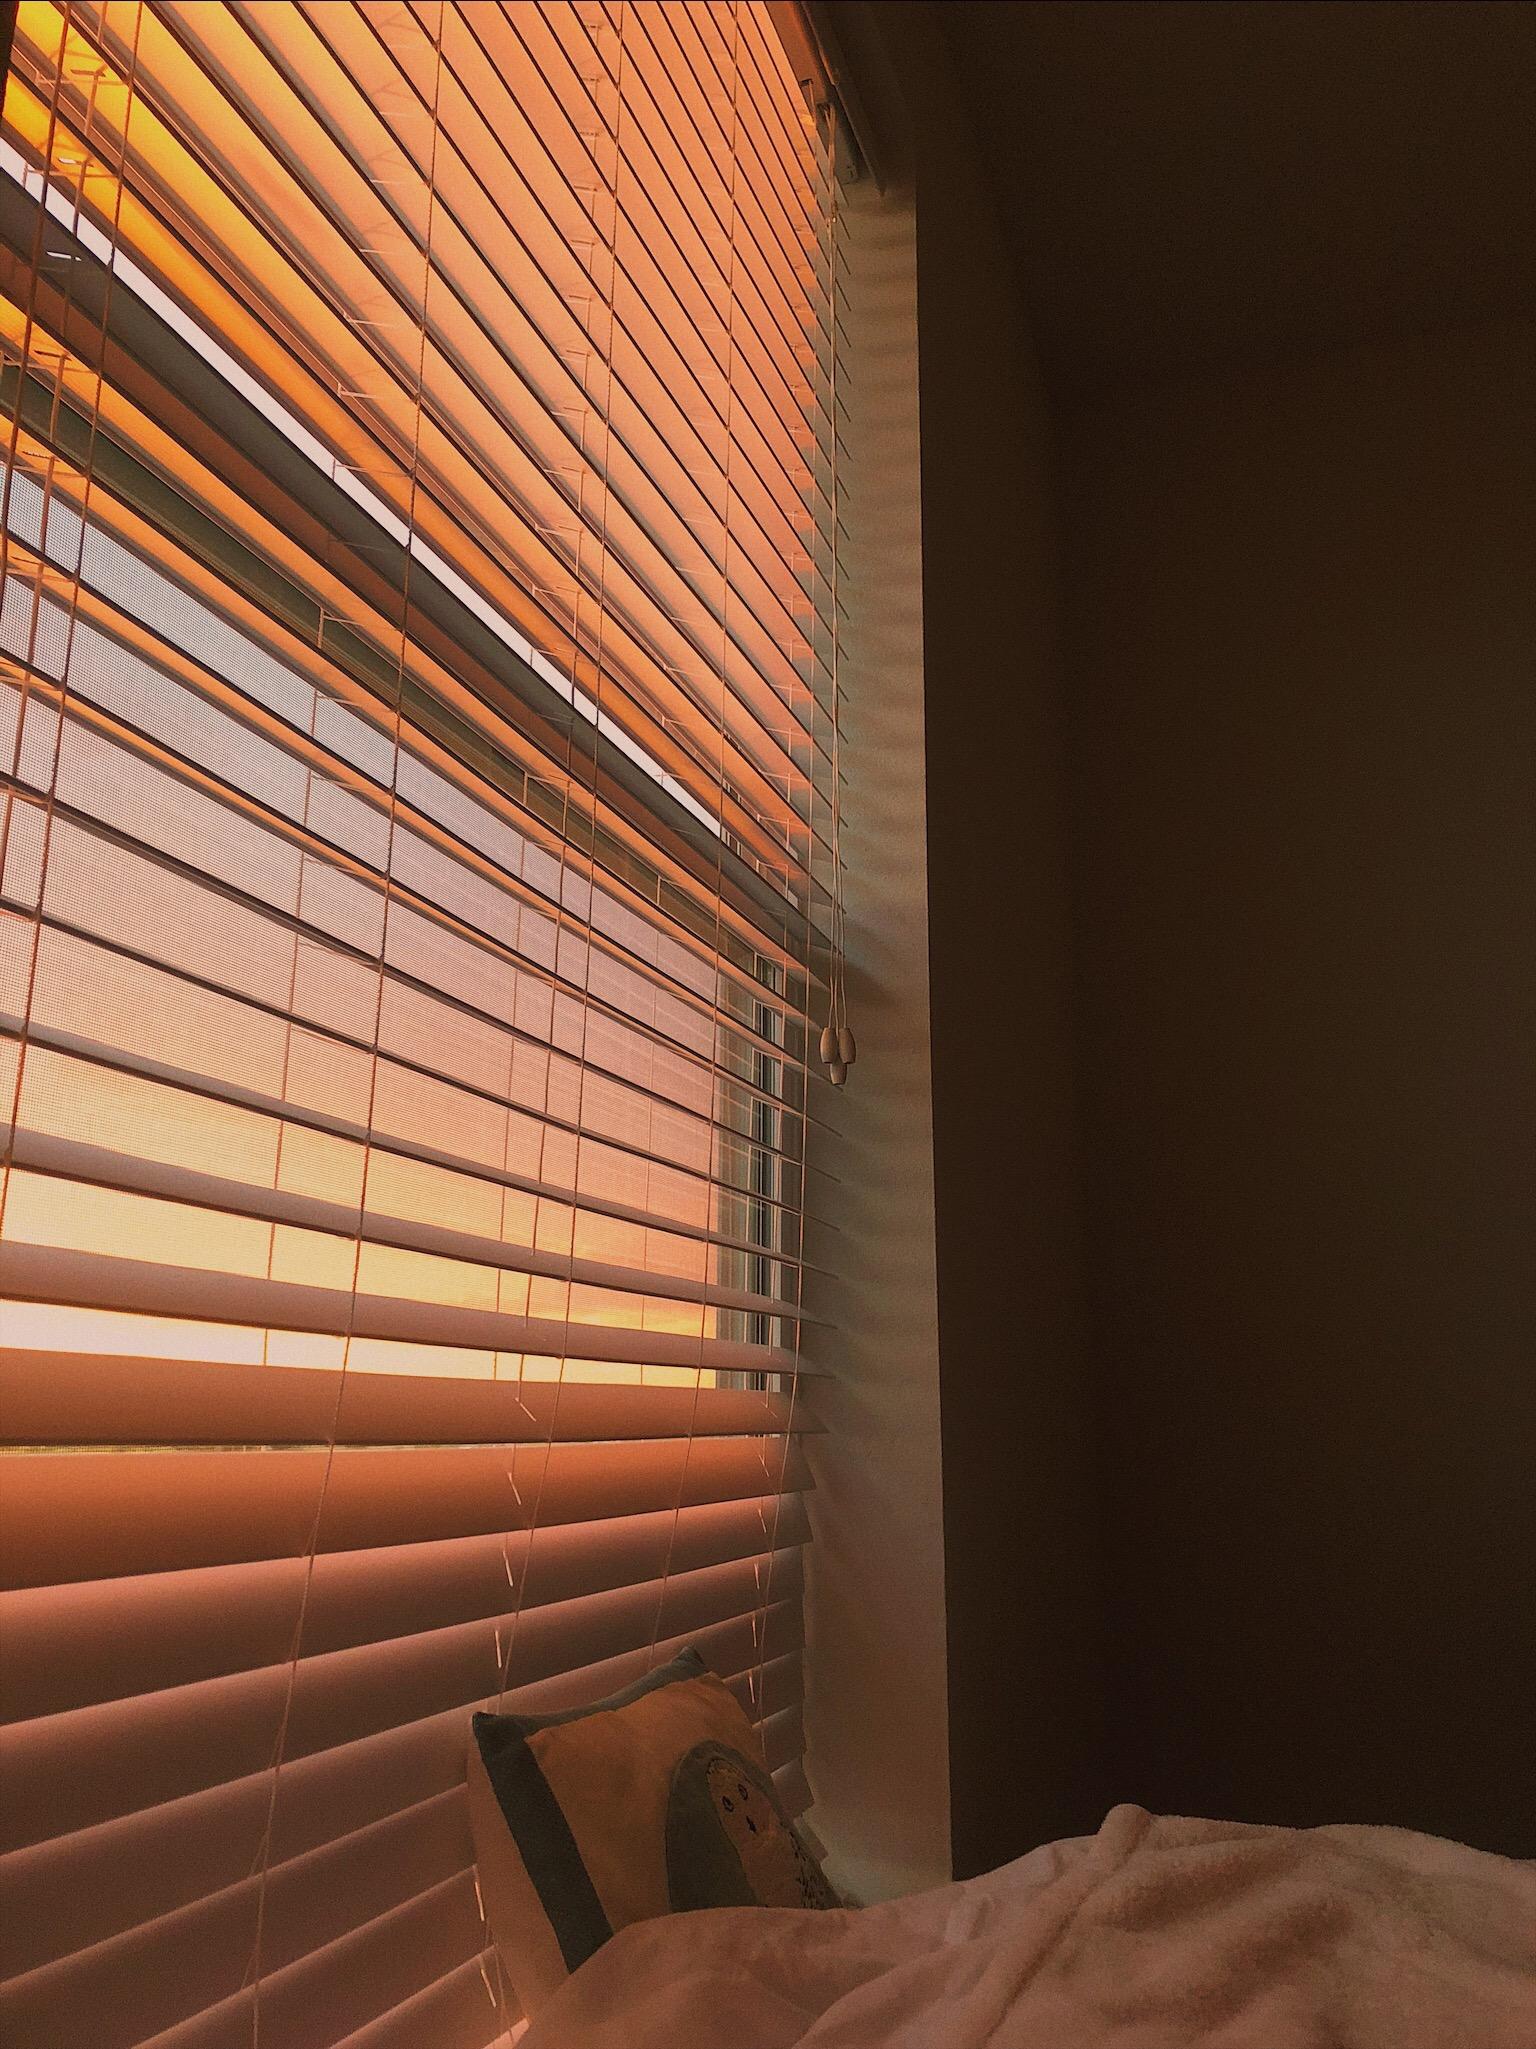 Golden Evening Sunset Window Blinds Summer2k19 Goodnight Aesthetic Fahrenheit 41 Vsco